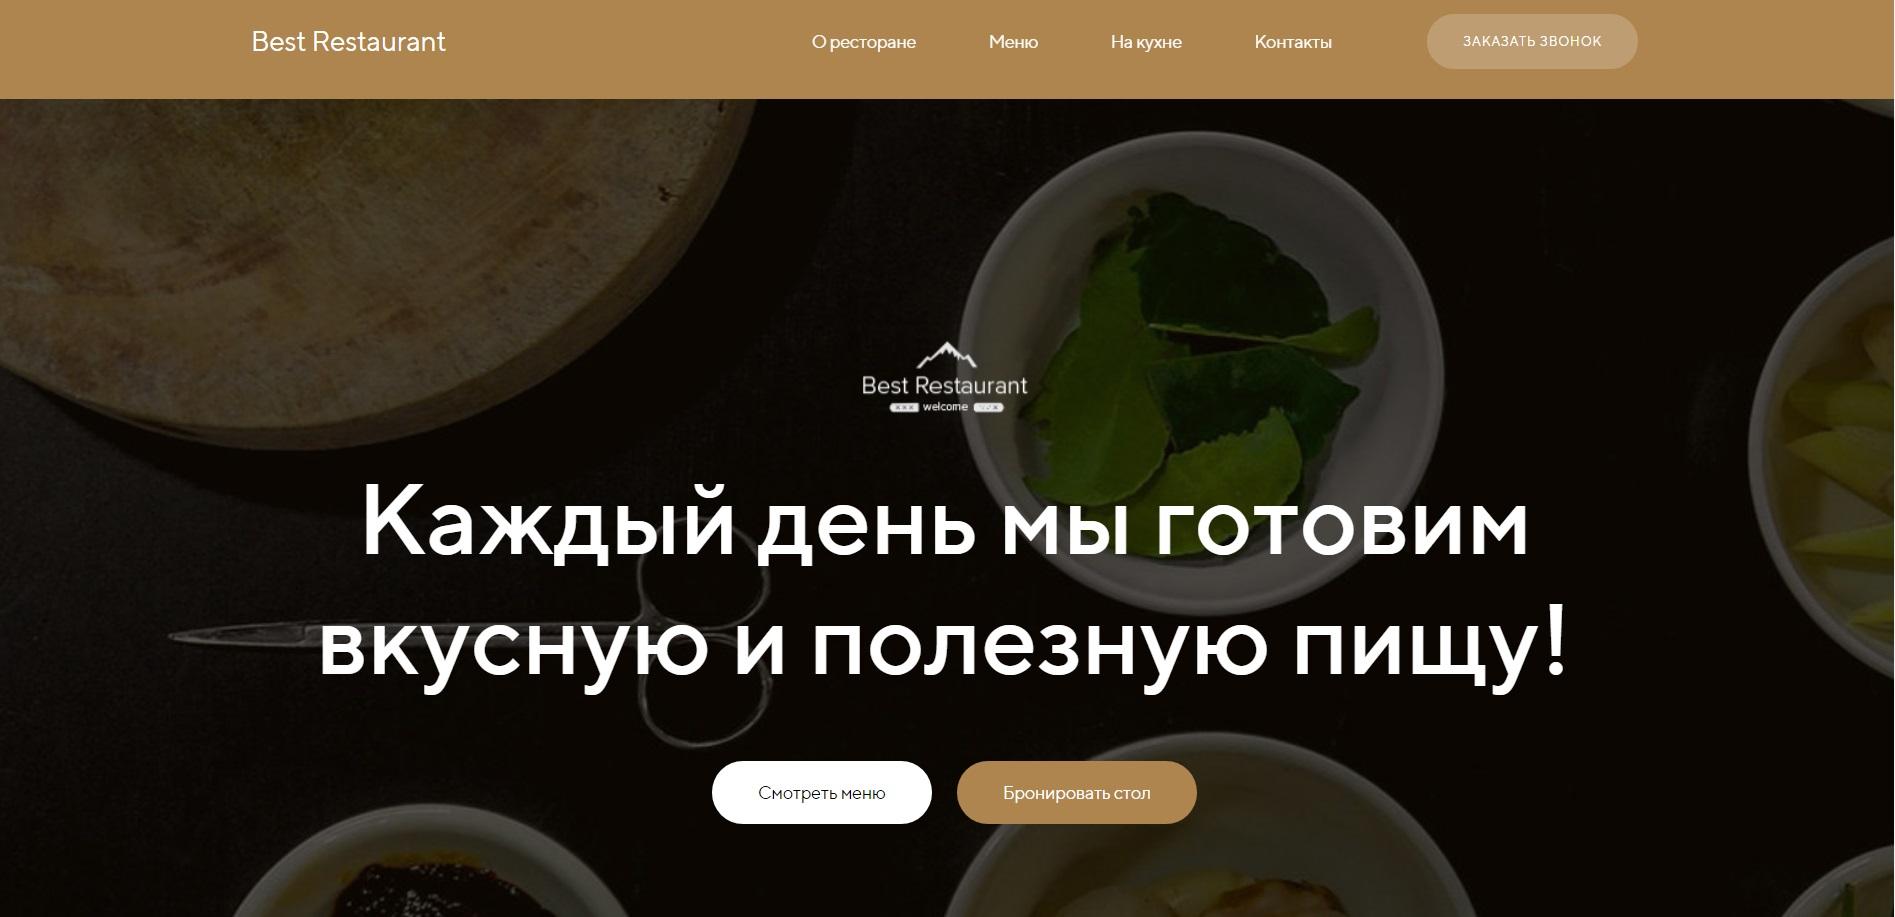 Фото Ресторан/Кафе Сайт для бизнеса в сфере общепита. Меню недели, речь шеф-повара и вкусные фотографии